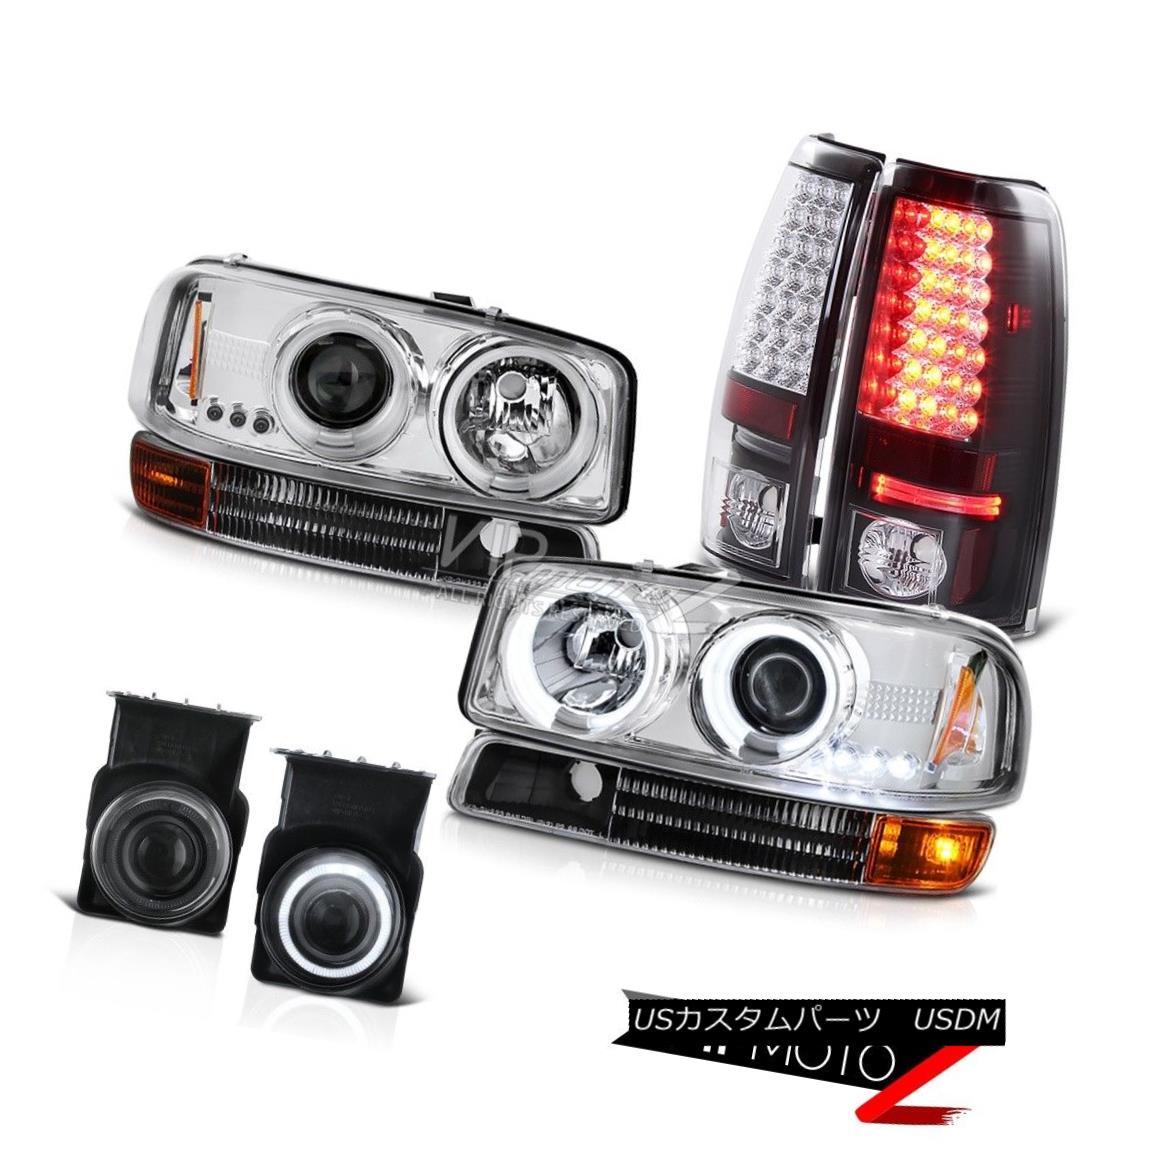 ヘッドライト Matte Black Signal 2003 Sierra 3500HD CCFL Headlight SMD Tail Lights Bumper Fog マットブラック信号2003 Sierra 3500HD CCFLヘッドライトSMDテールライトバンパーフォグ